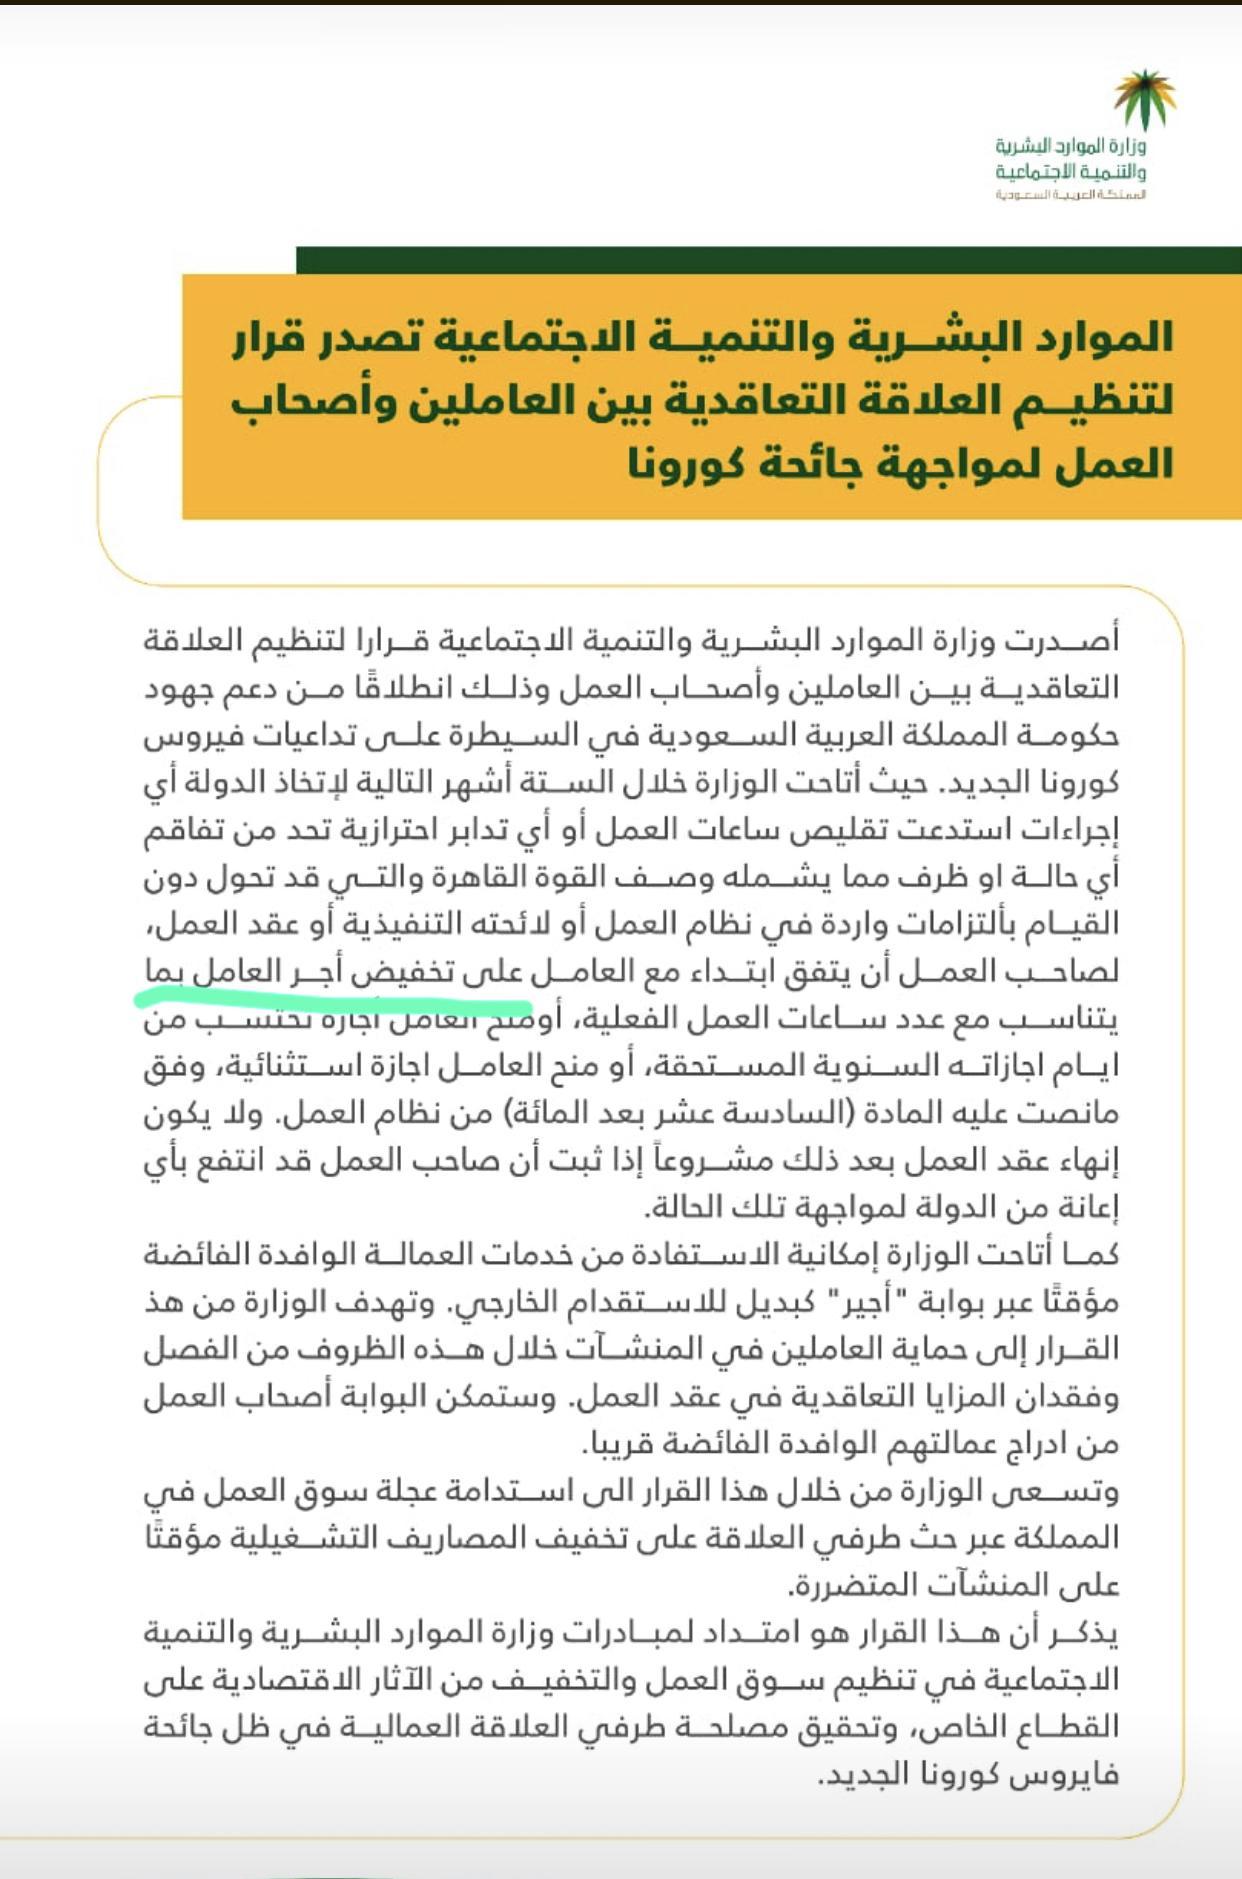 رد: معلومة .. (تموين) السعودية أرسلت لموظفيها هذه الرسالة بسبب الأزمة